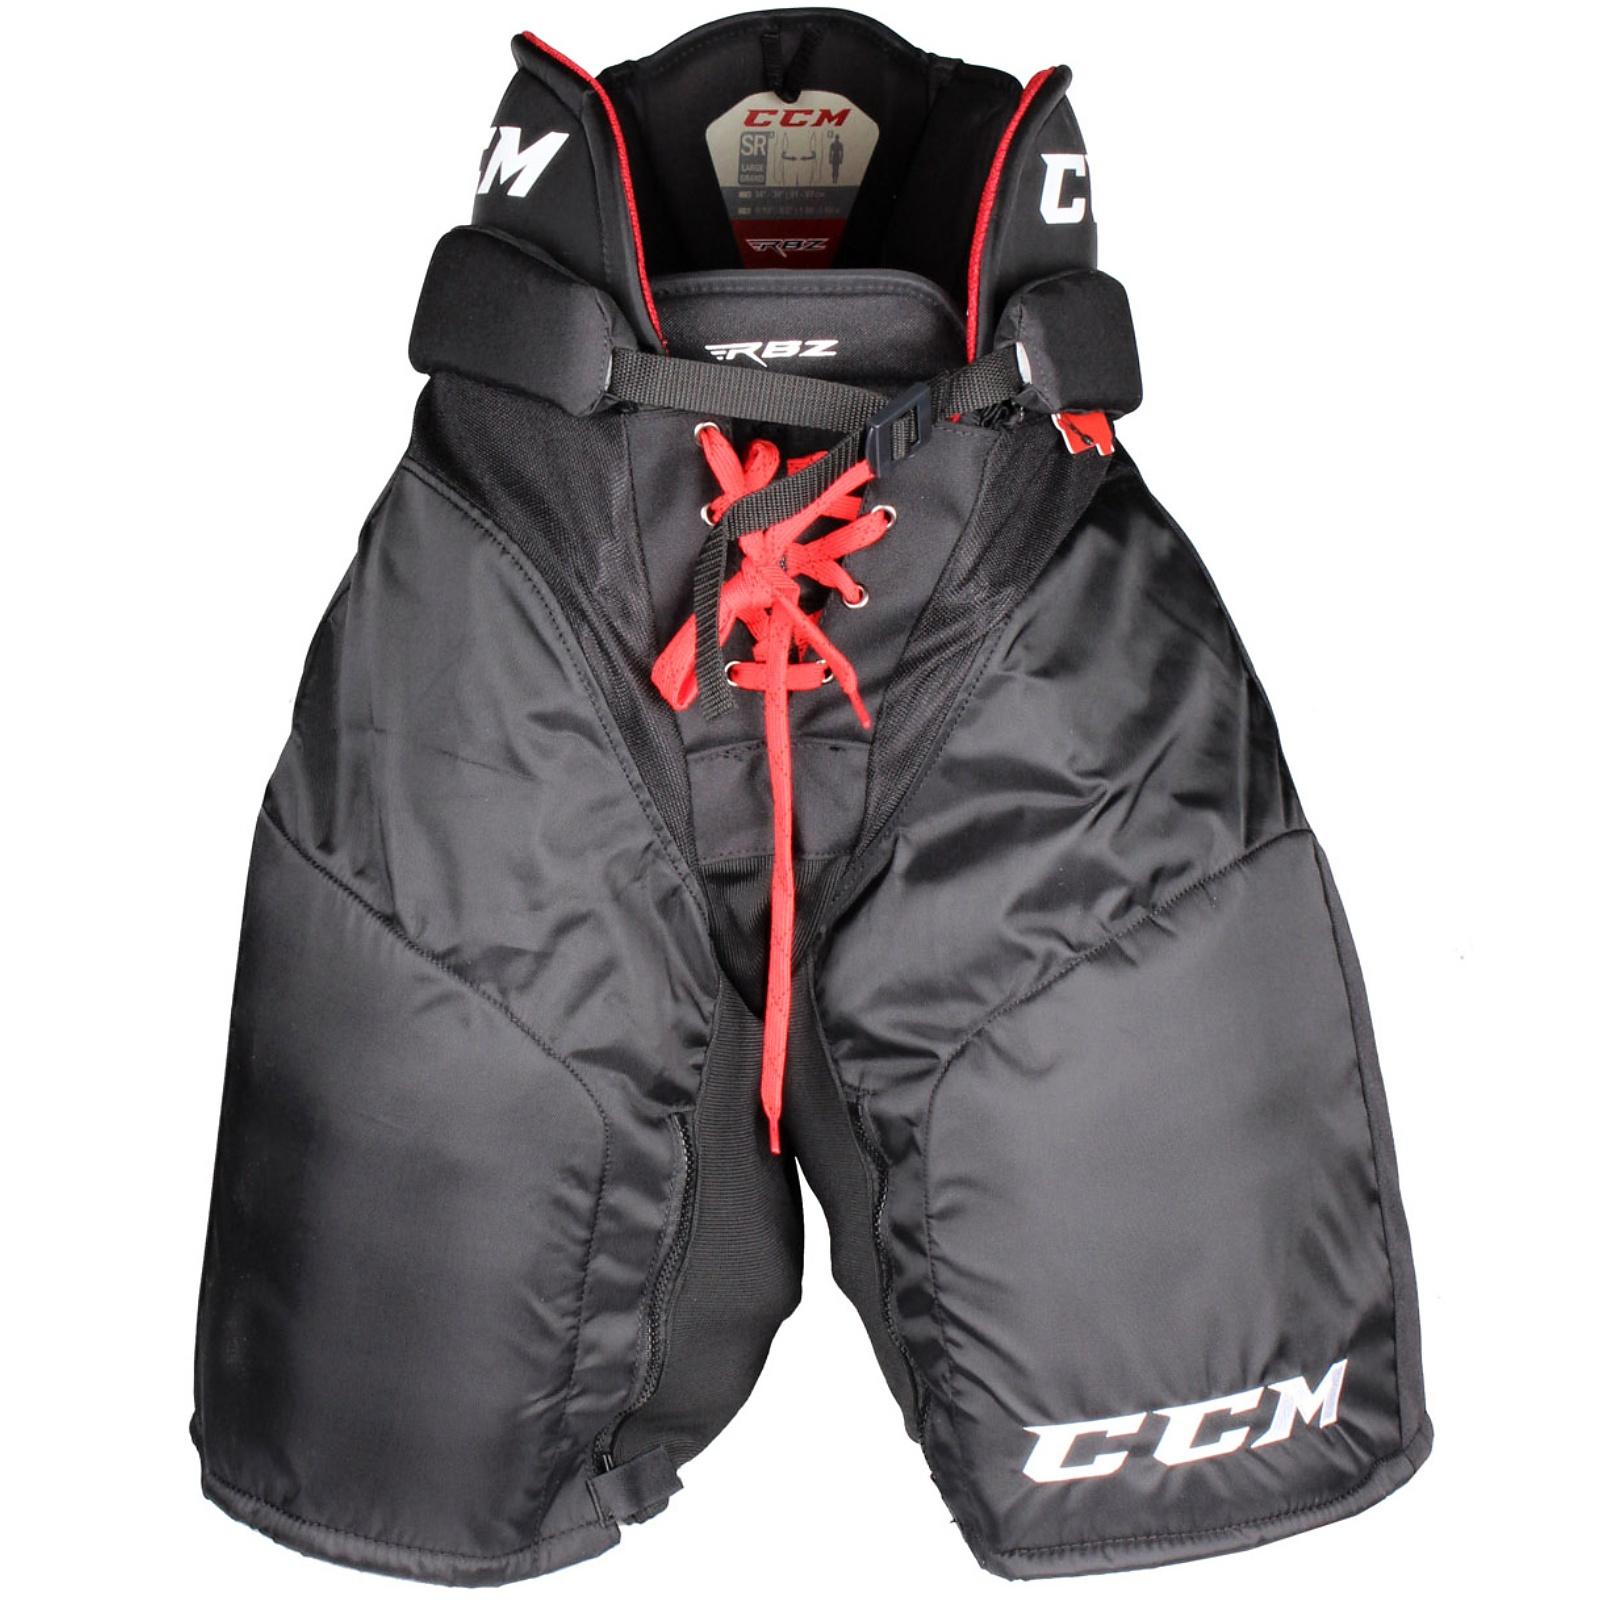 Kalhoty hráčské CCM RBZ 130 senior černé - vel. XL